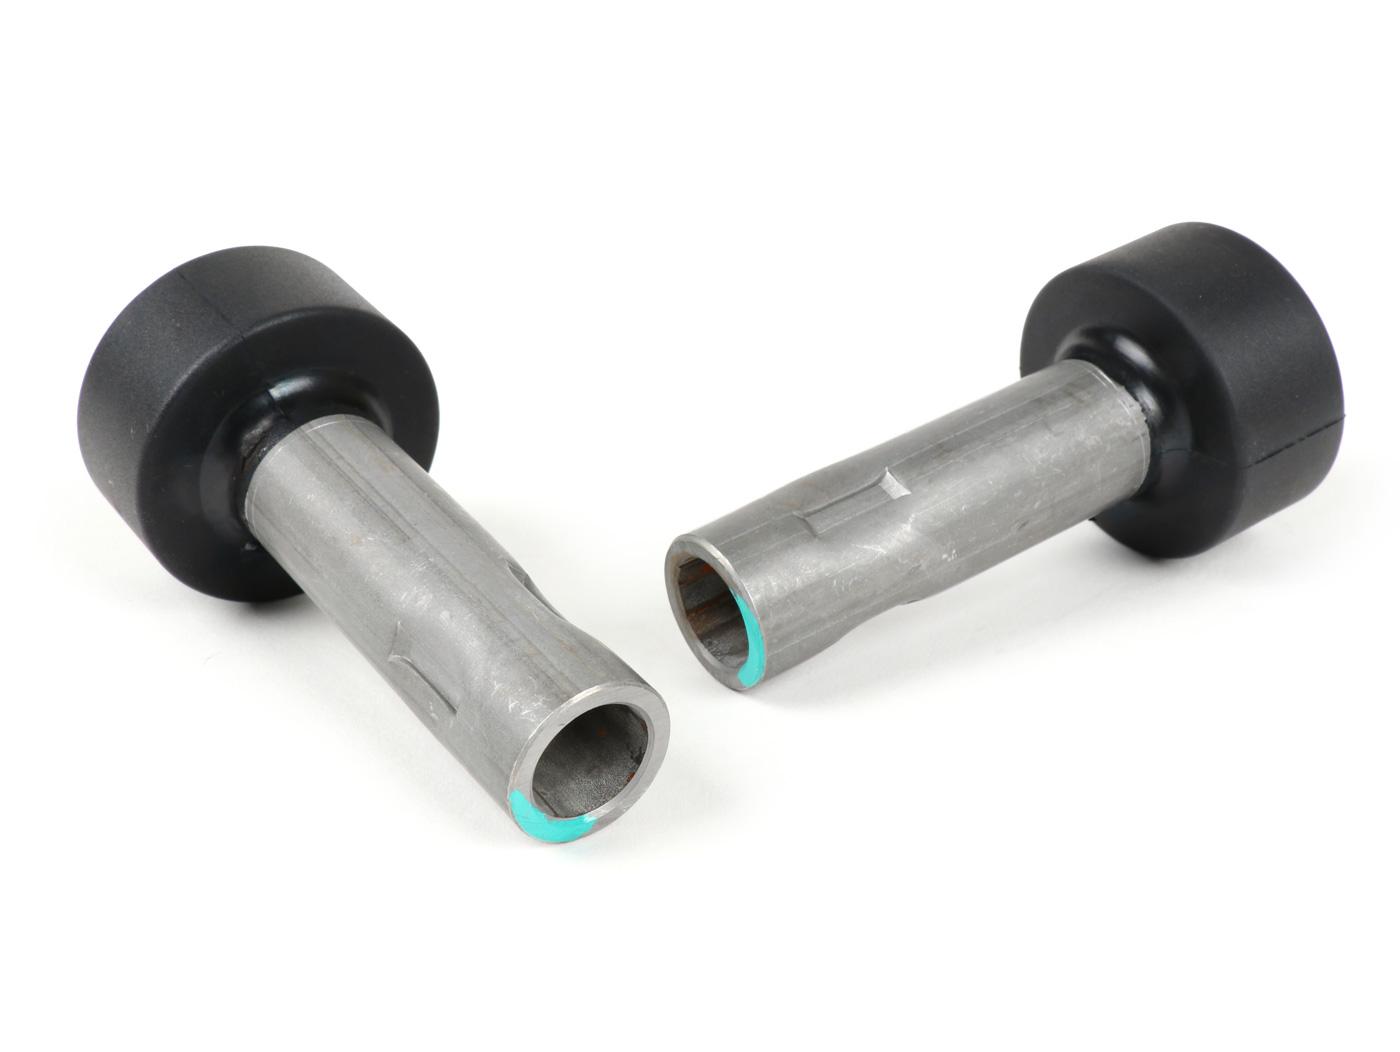 Silentblock-Set Motor -BGM PRO Sport- Vespa PK 50-125, PK 50-125 S, PK 50-125 XL bgm Pro Artikel-Nr.: BGM7954SP